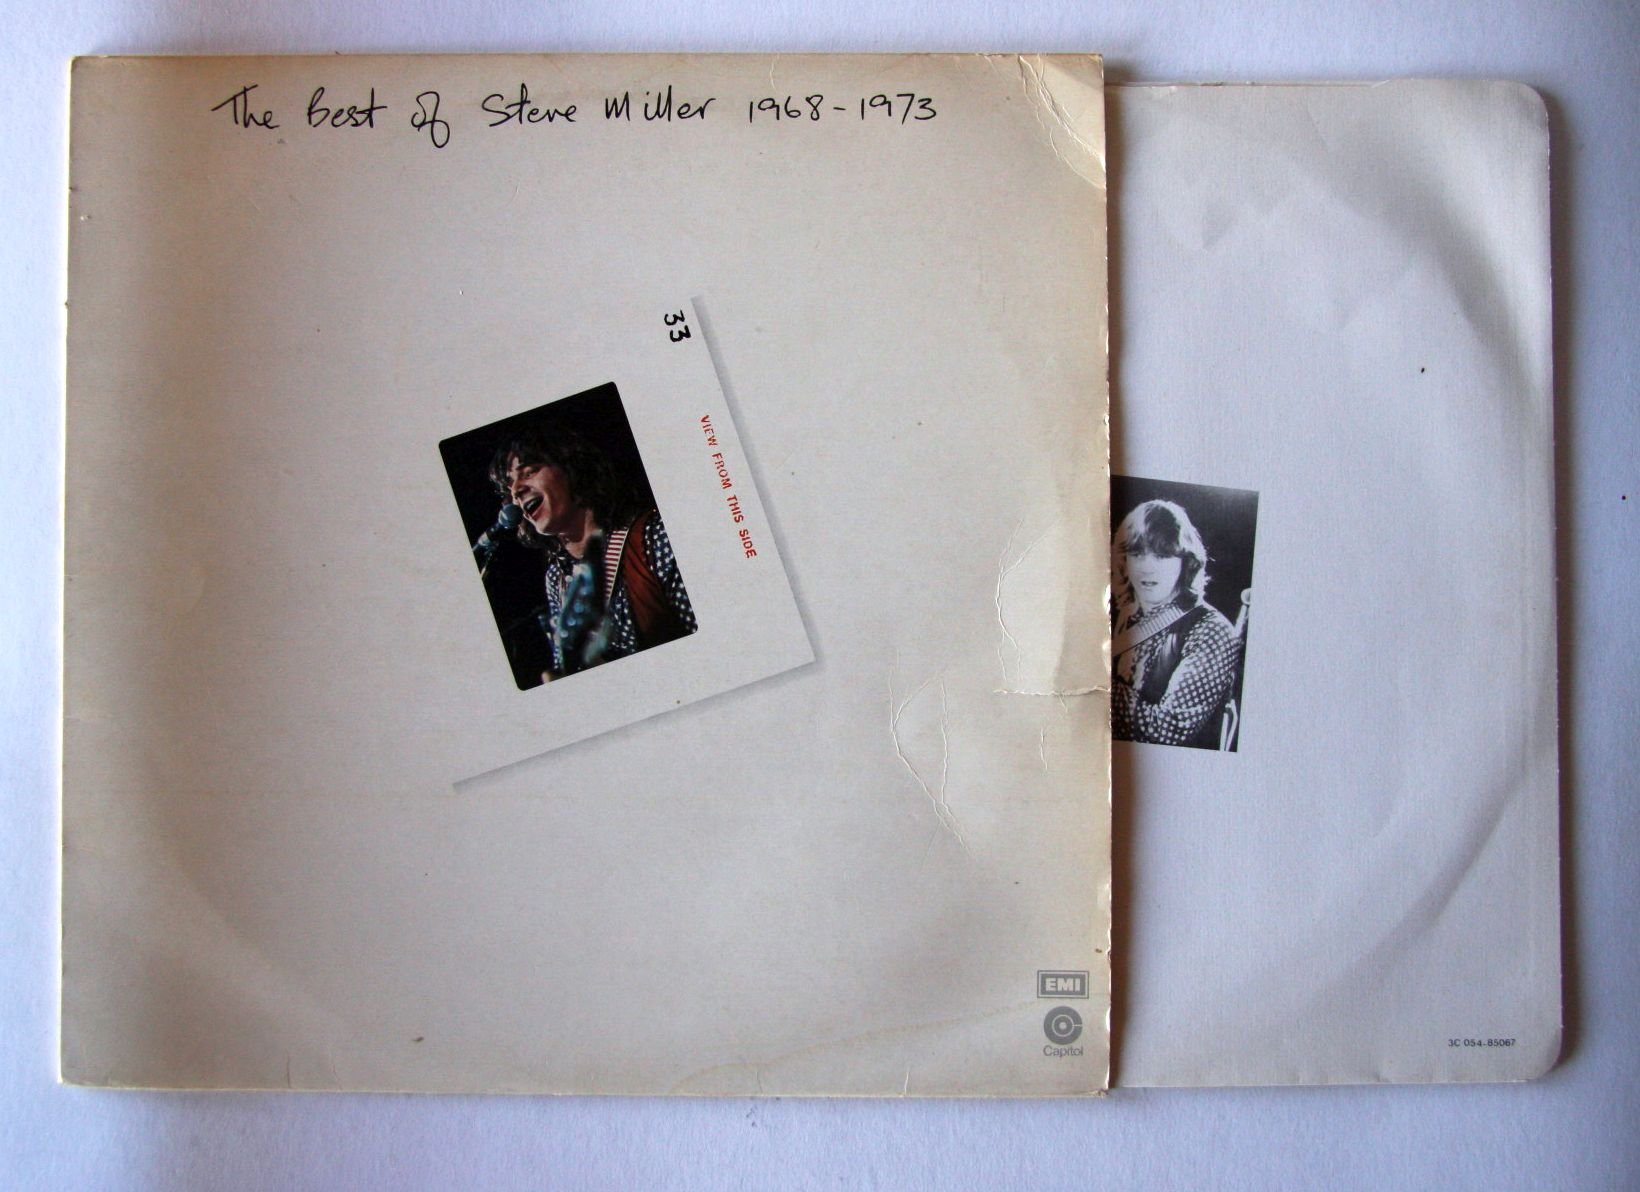 Steve Miller - The Best Of Steve Miller 1968-1973 Album